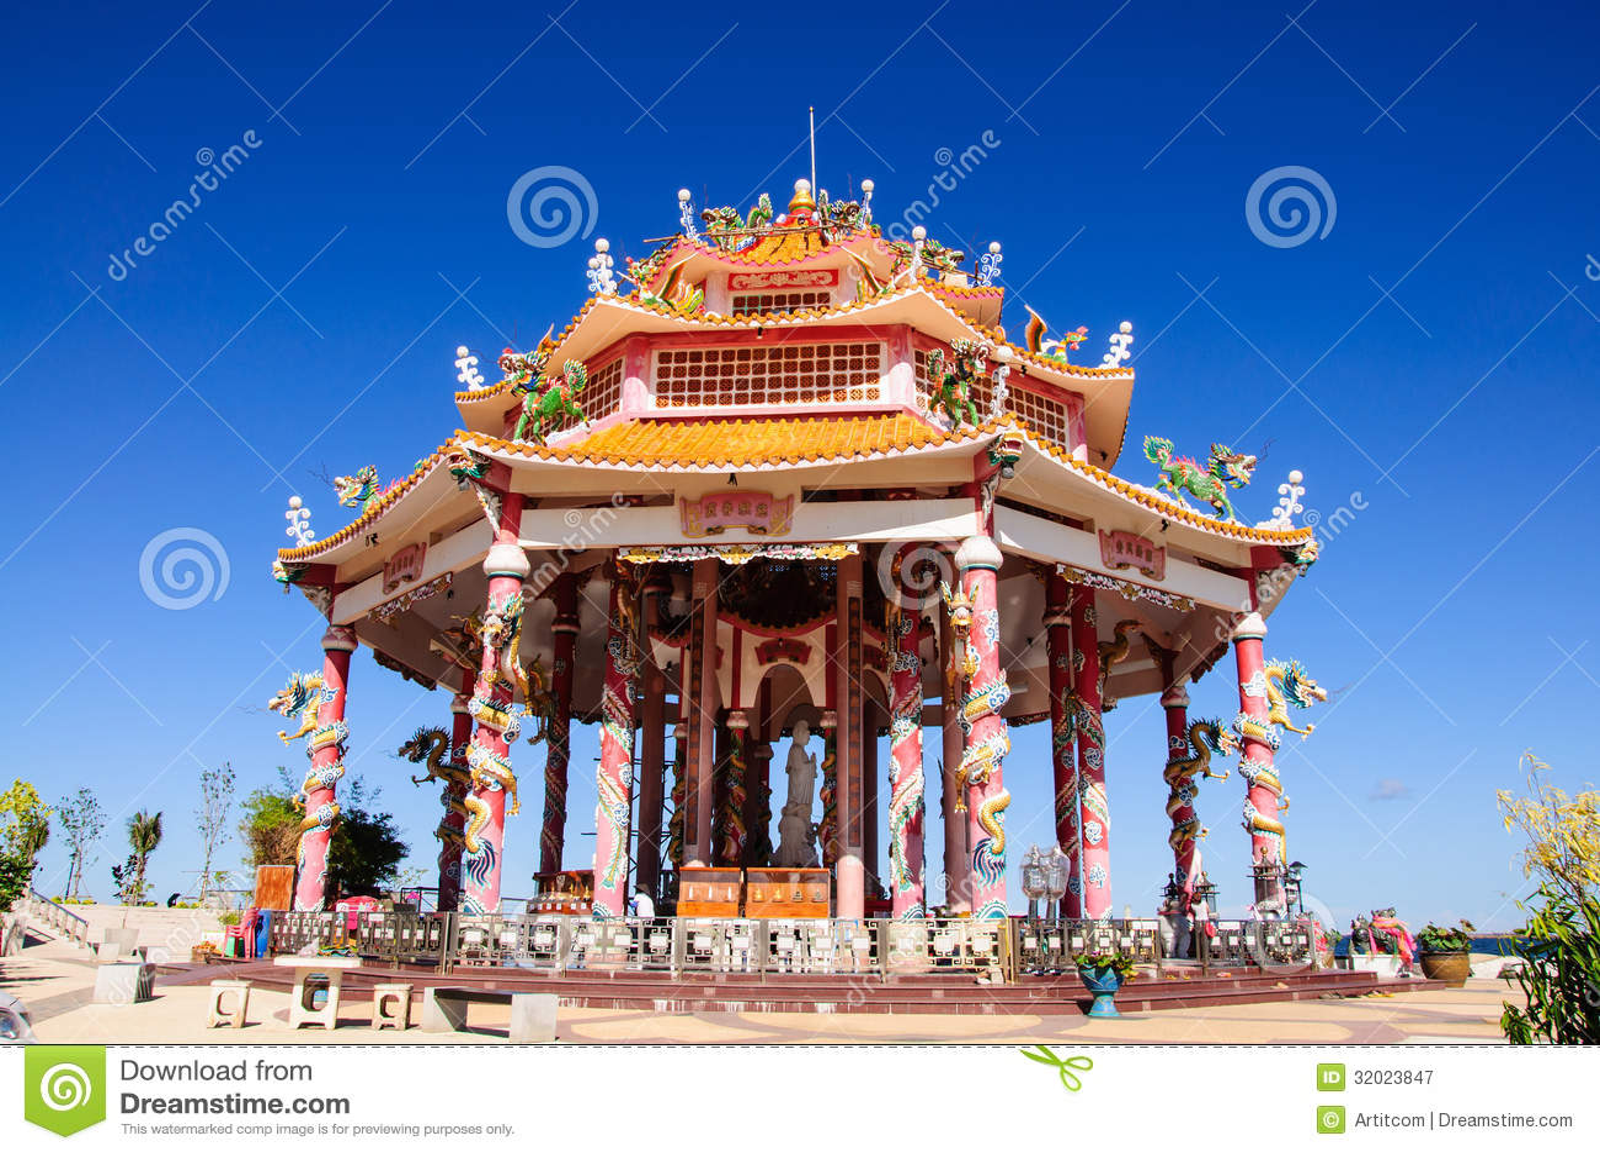 temple chinois avec la statue de dragon photographie stock libre de droits image 32023847. Black Bedroom Furniture Sets. Home Design Ideas